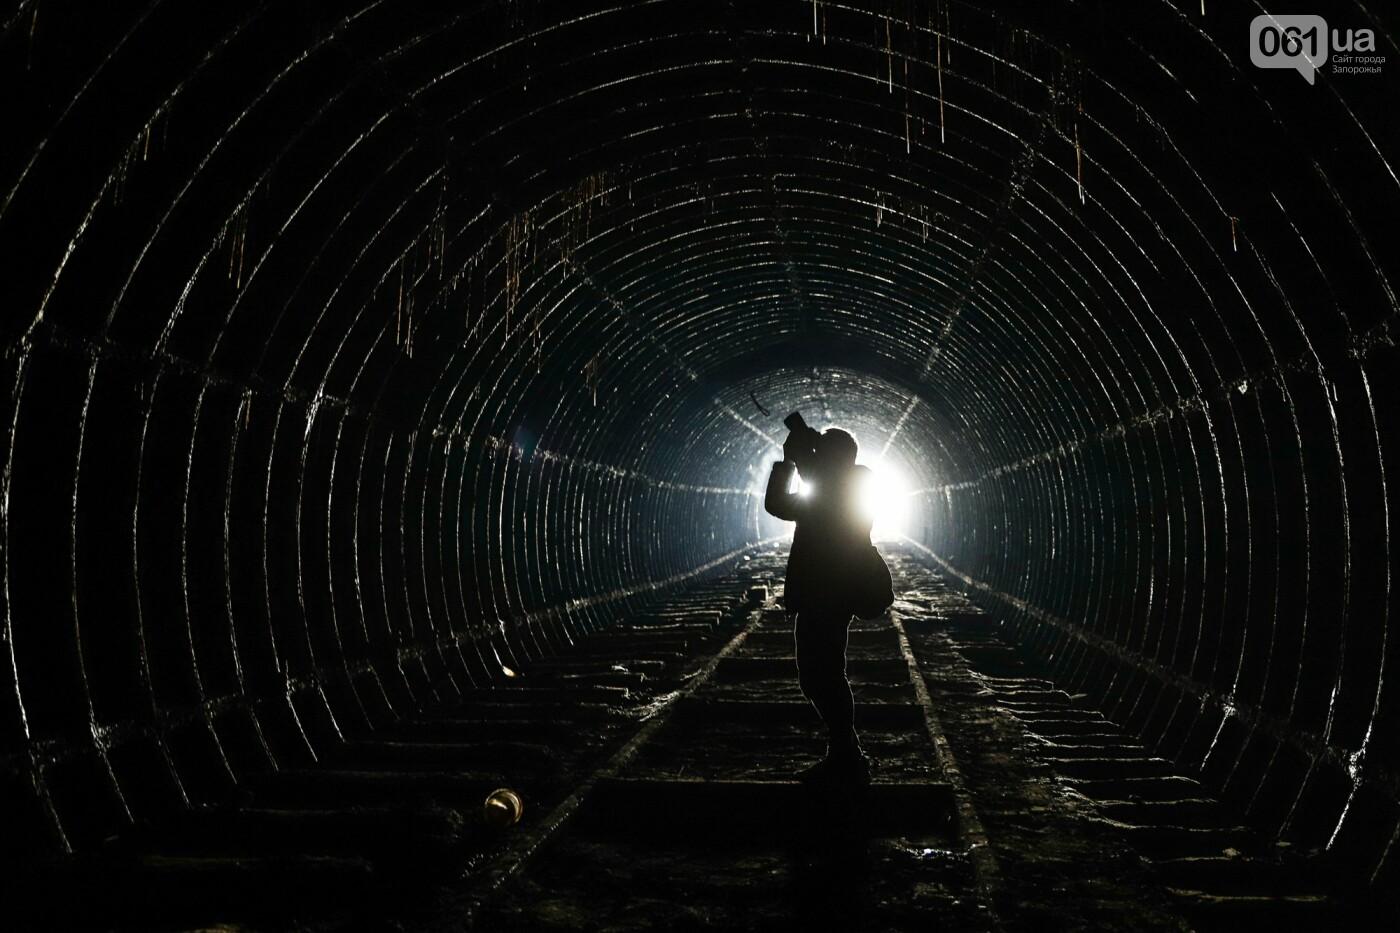 Монтаж первого пролета вантового моста, транспортный локдаун и репортаж из заброшенной шахты: апрель в фотографиях, фото-83